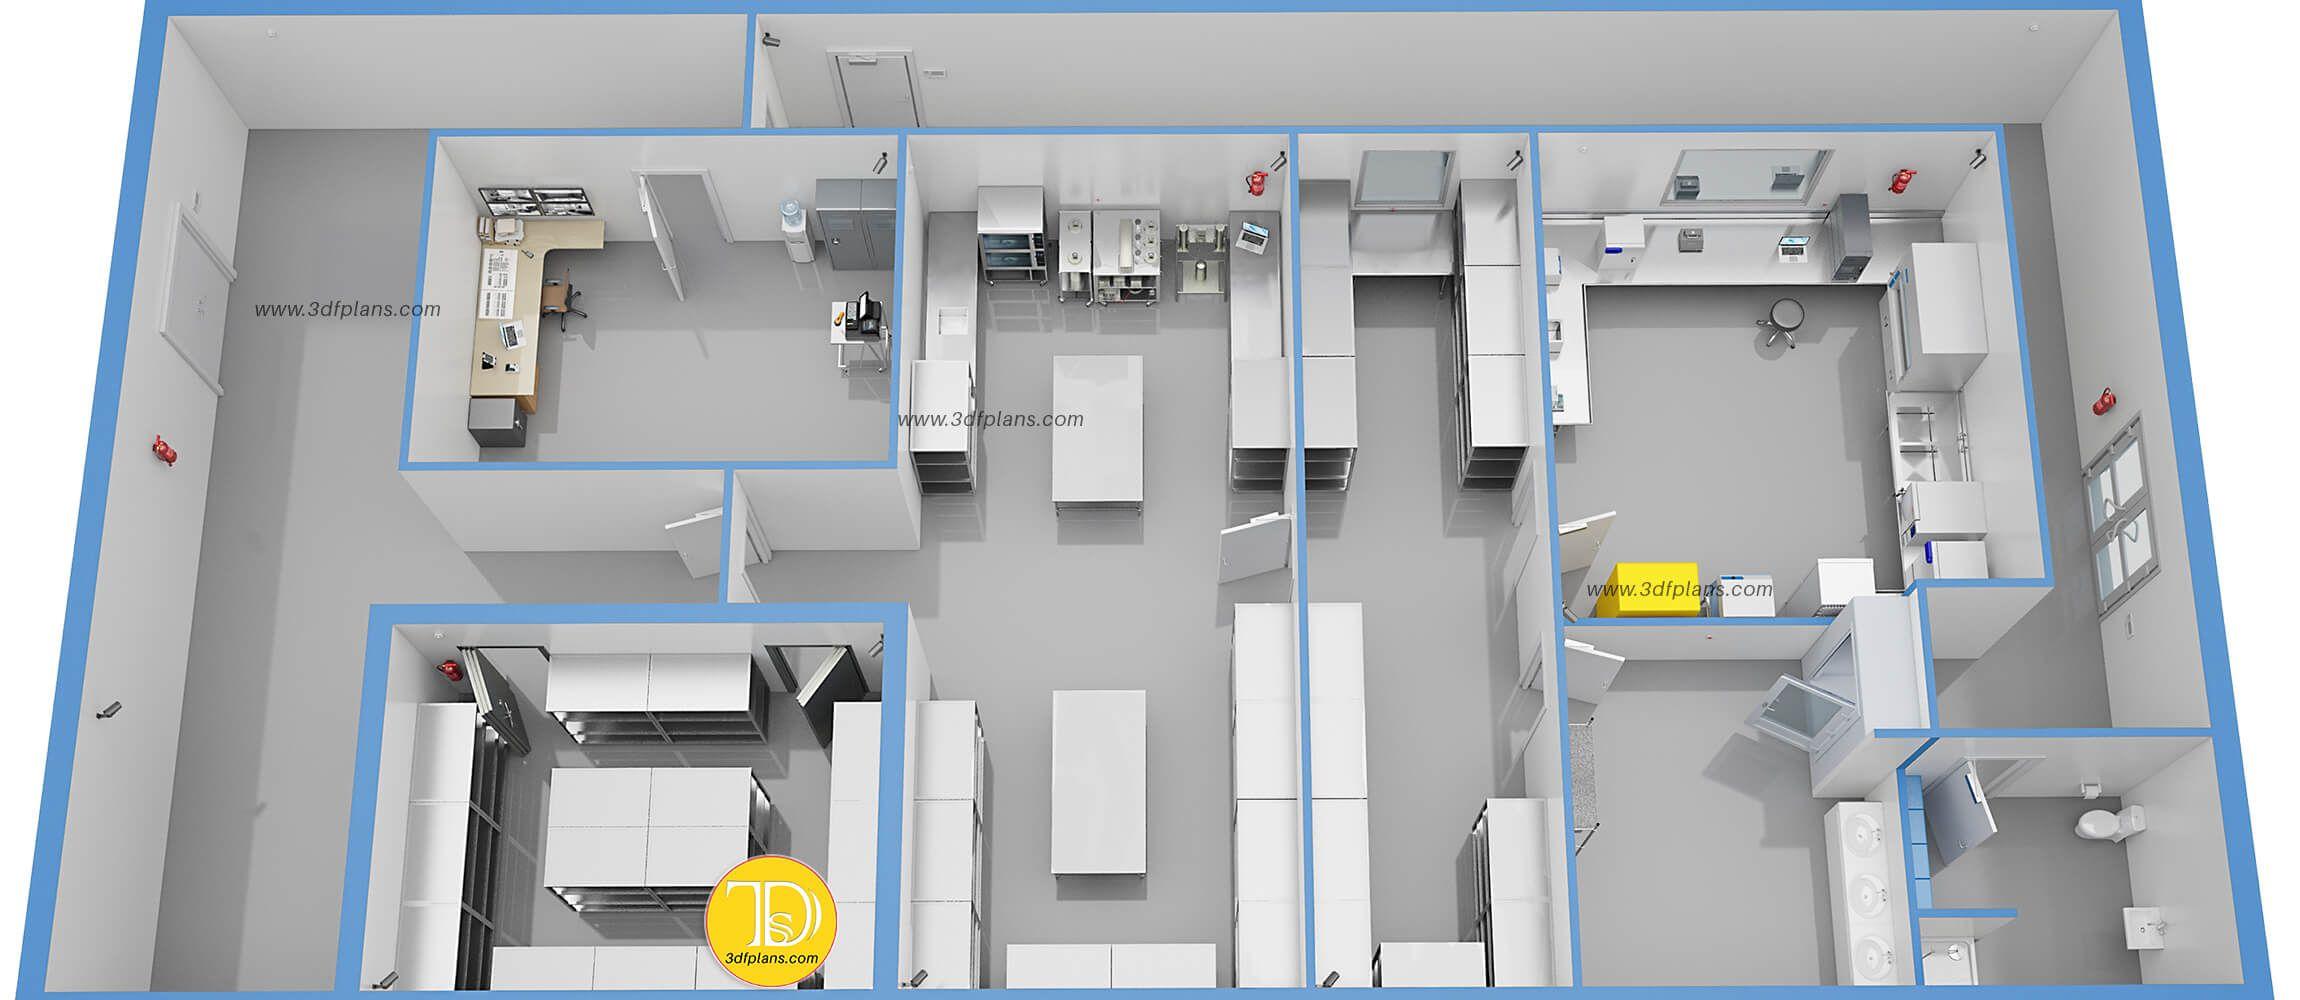 Laboratory Greenhouse 3d Floor Plans 3d Floor Plans In 2020 Floor Plan Design Floor Plans Laboratory Design